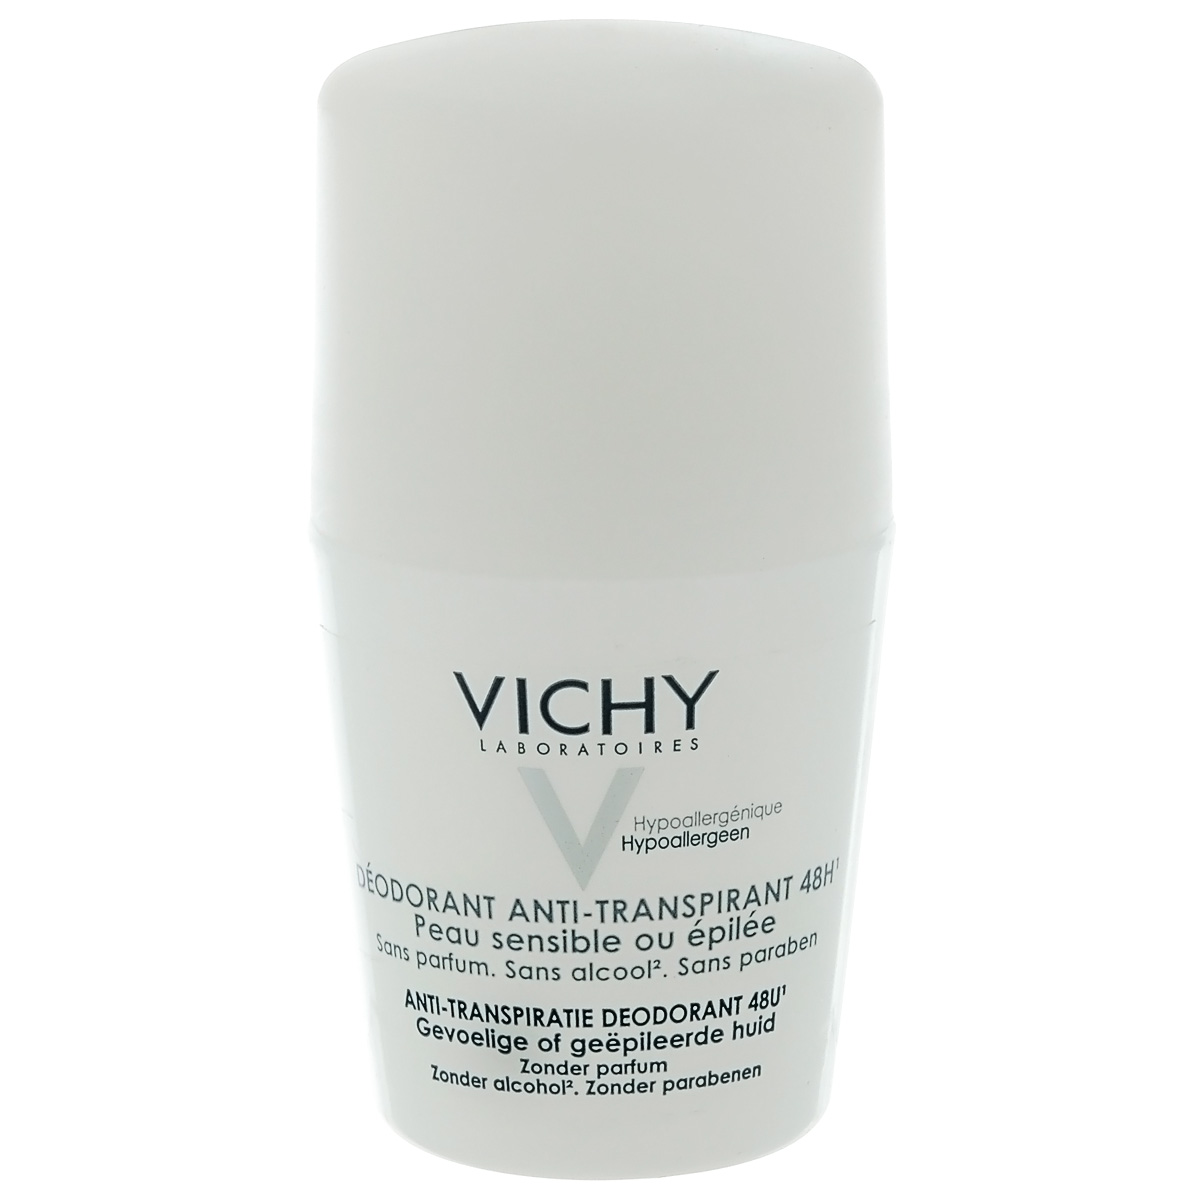 Vichy Дезодорант шариковый 48 часов, для очень чувствительной кожи, 50 млFS-00897Эффективен в течение 48 часов. Высокая переносимость. Регулирует избыточное потоотделение, не содержит спирта. Благодаря аминокомплексу растительного происхождения, быстро снимает раздражение кожи и ощущение дискомфорта.